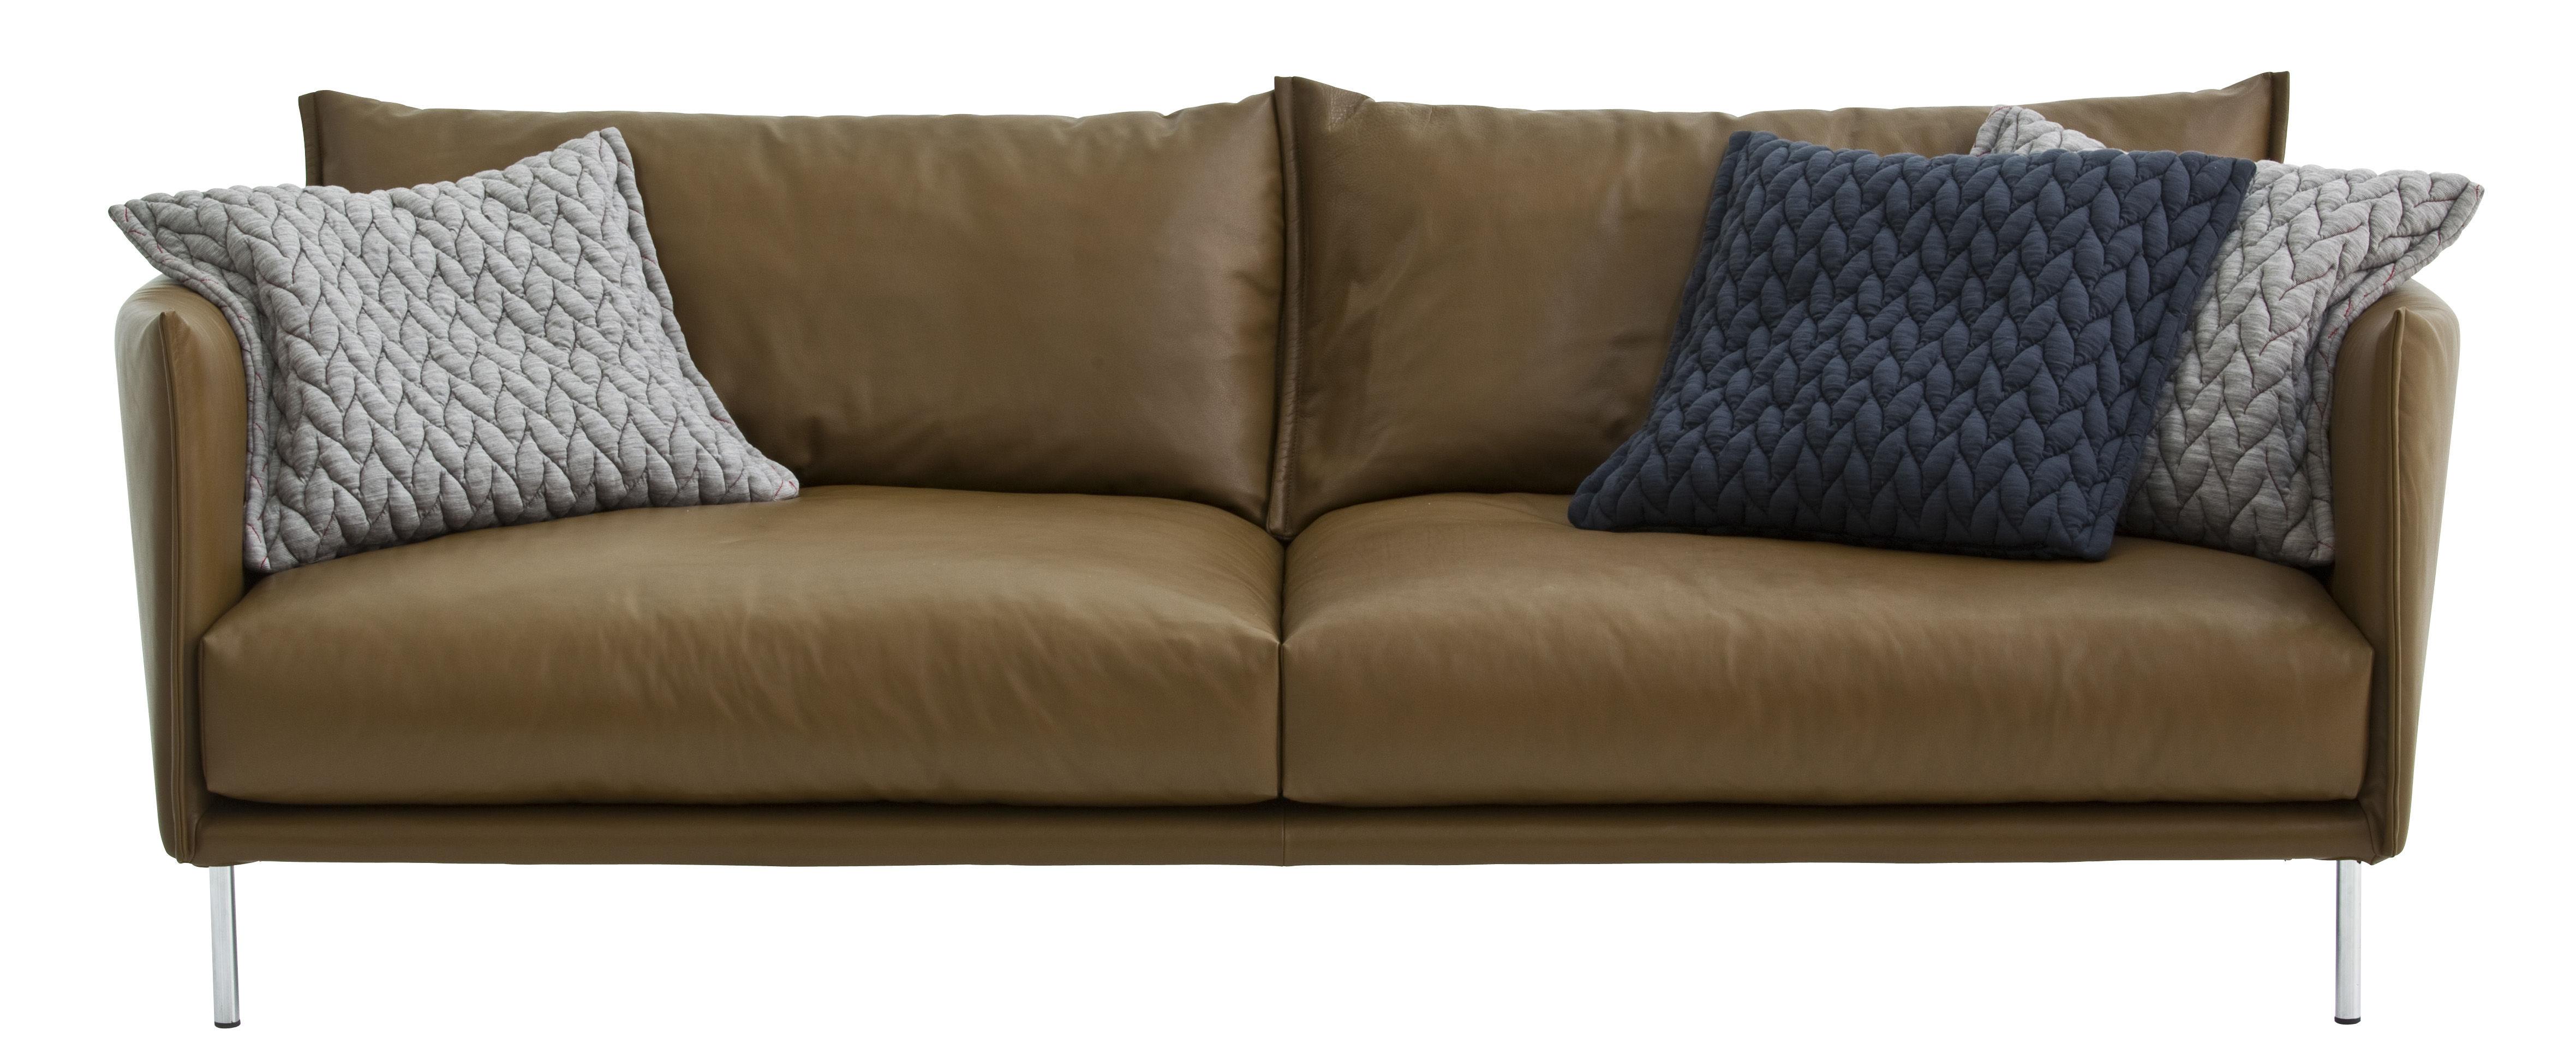 Scopri divano destro gentry l 240 cm versione pelle - Divano poco profondo ...